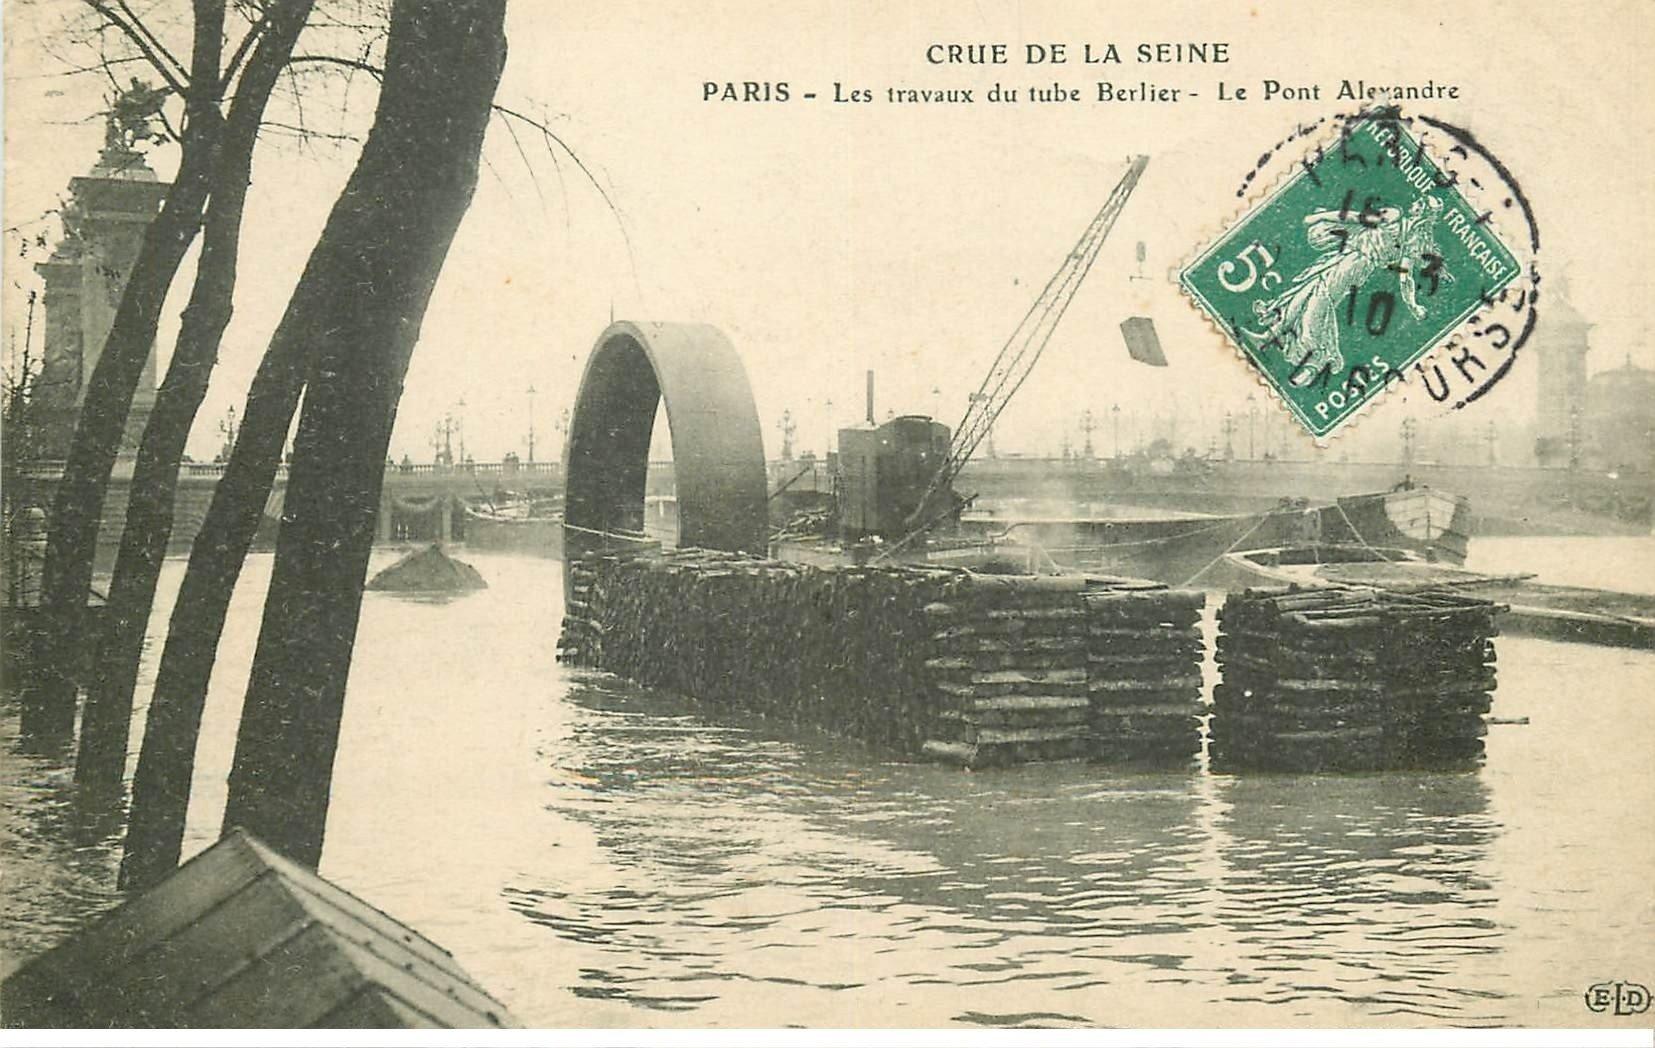 carte postale ancienne INONDATION DE PARIS 1910. Travaux du Tube Berlier Pont Alexandre